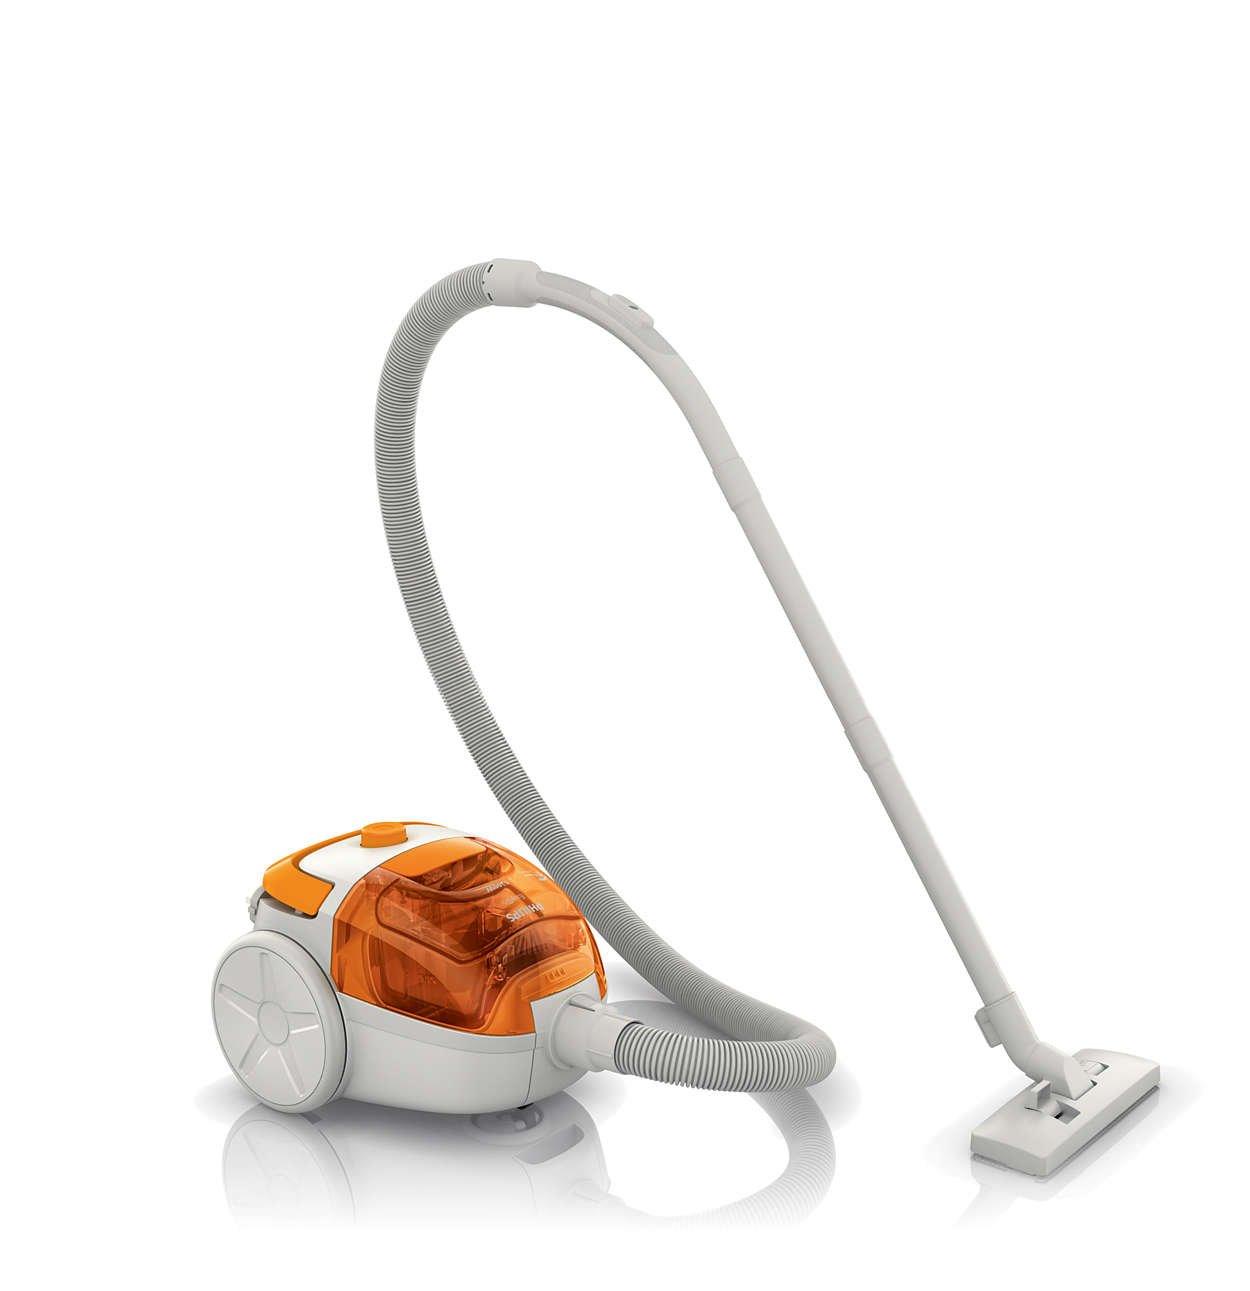 Philips FC8085/01 Bagless Vacuum Cleaner (Orange)